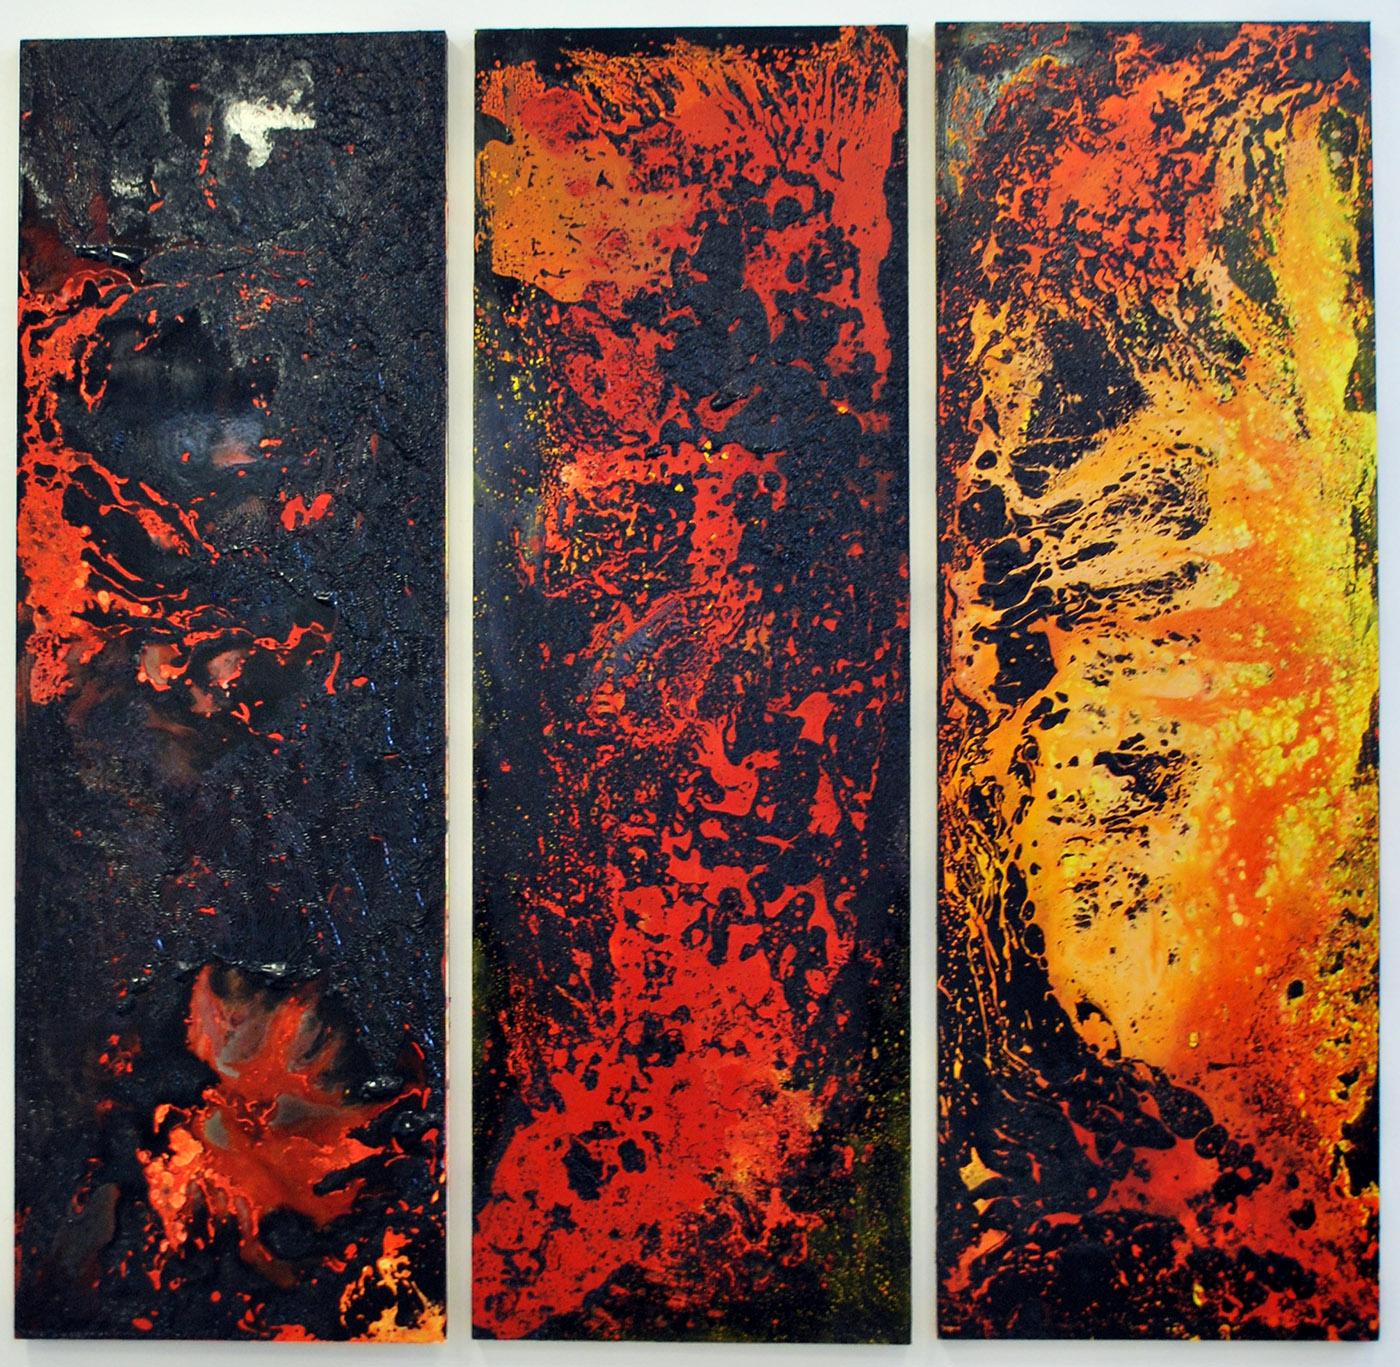 Coke oven triptych